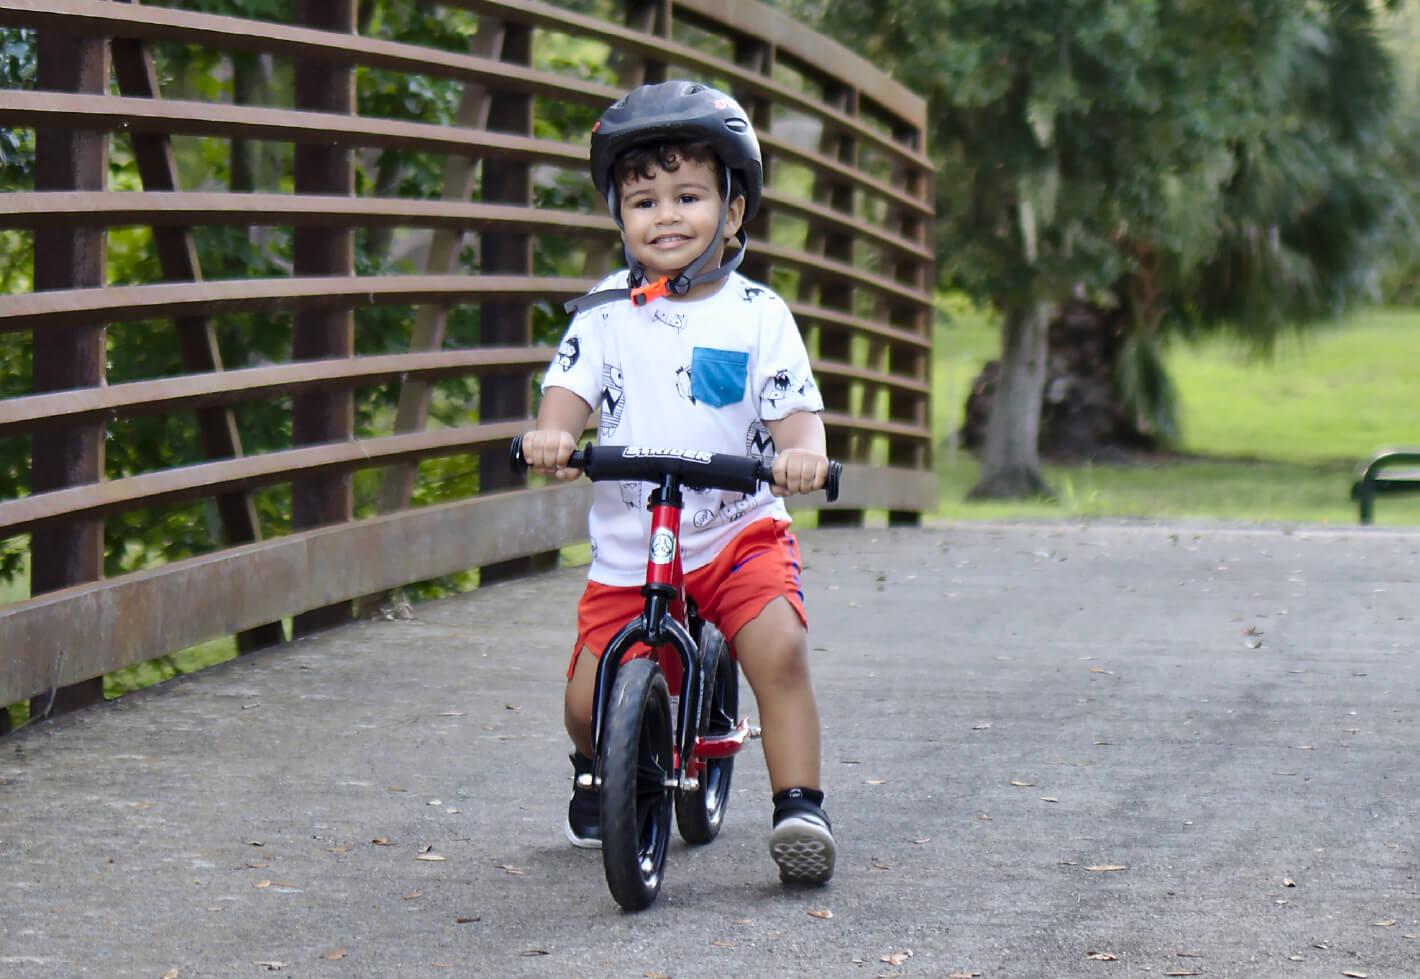 Child on a Strider 12 Balance Bike